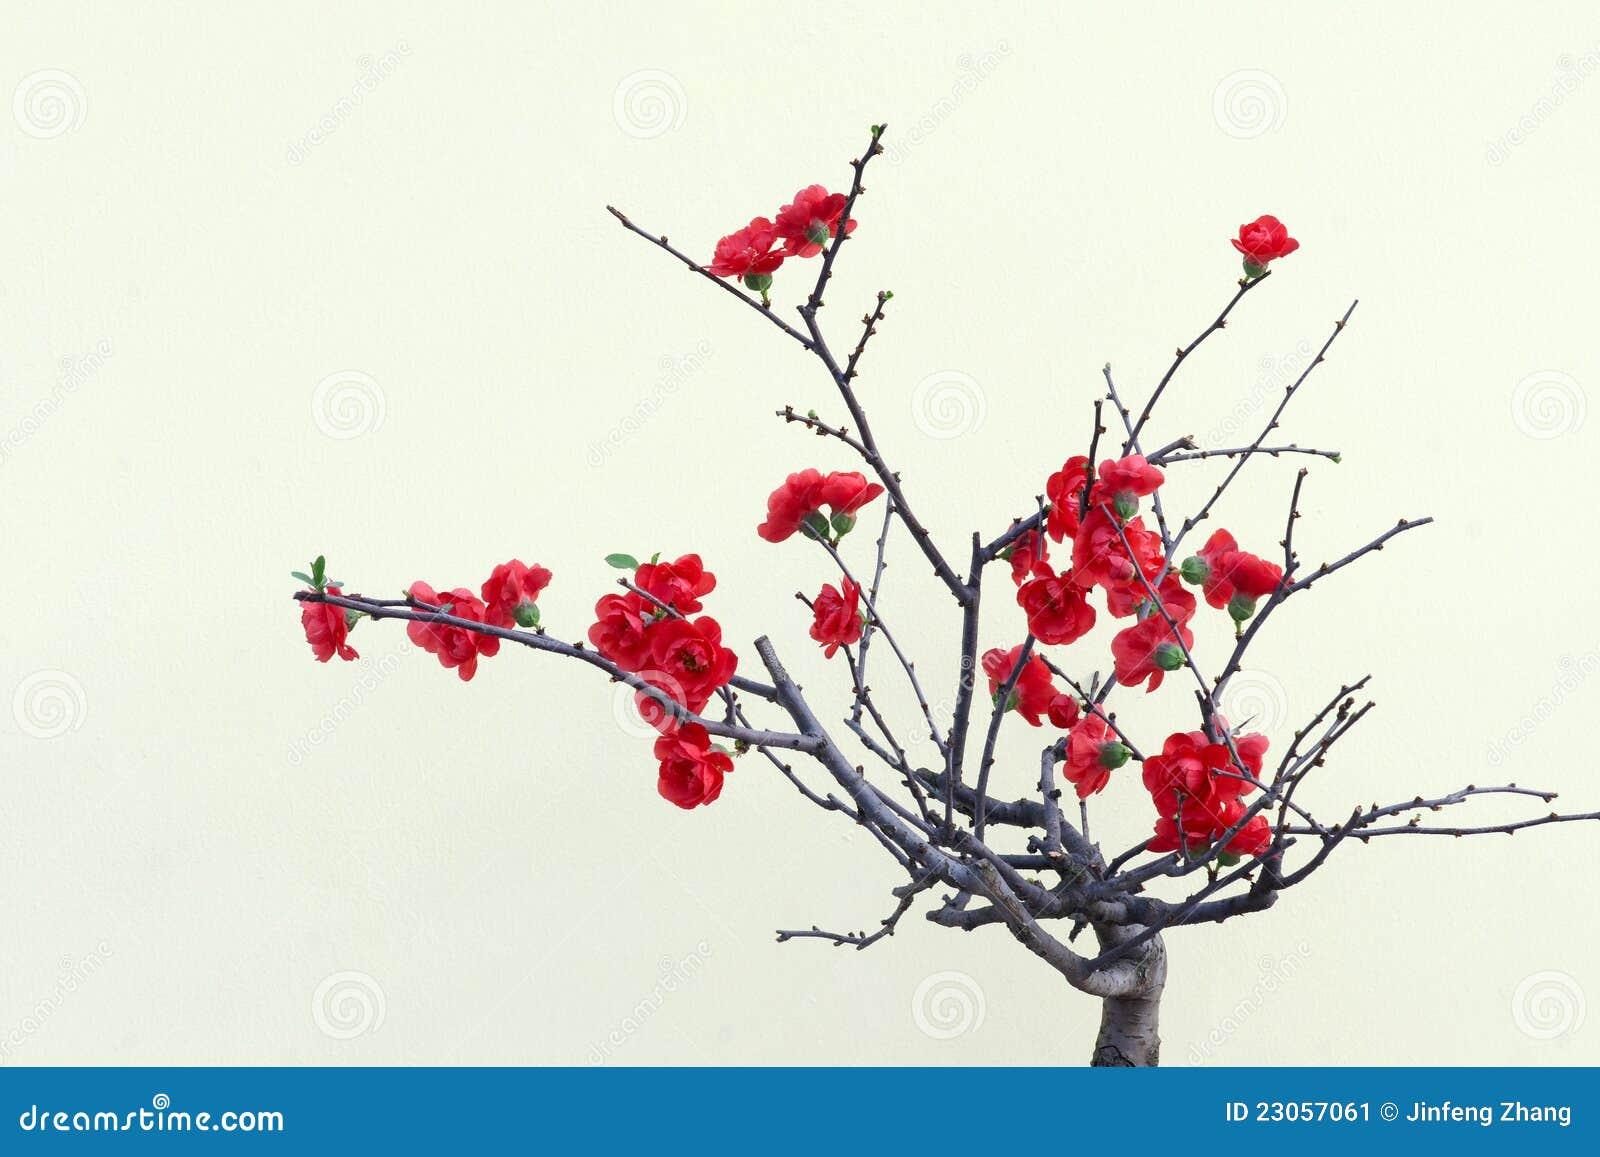 Red plum blossom